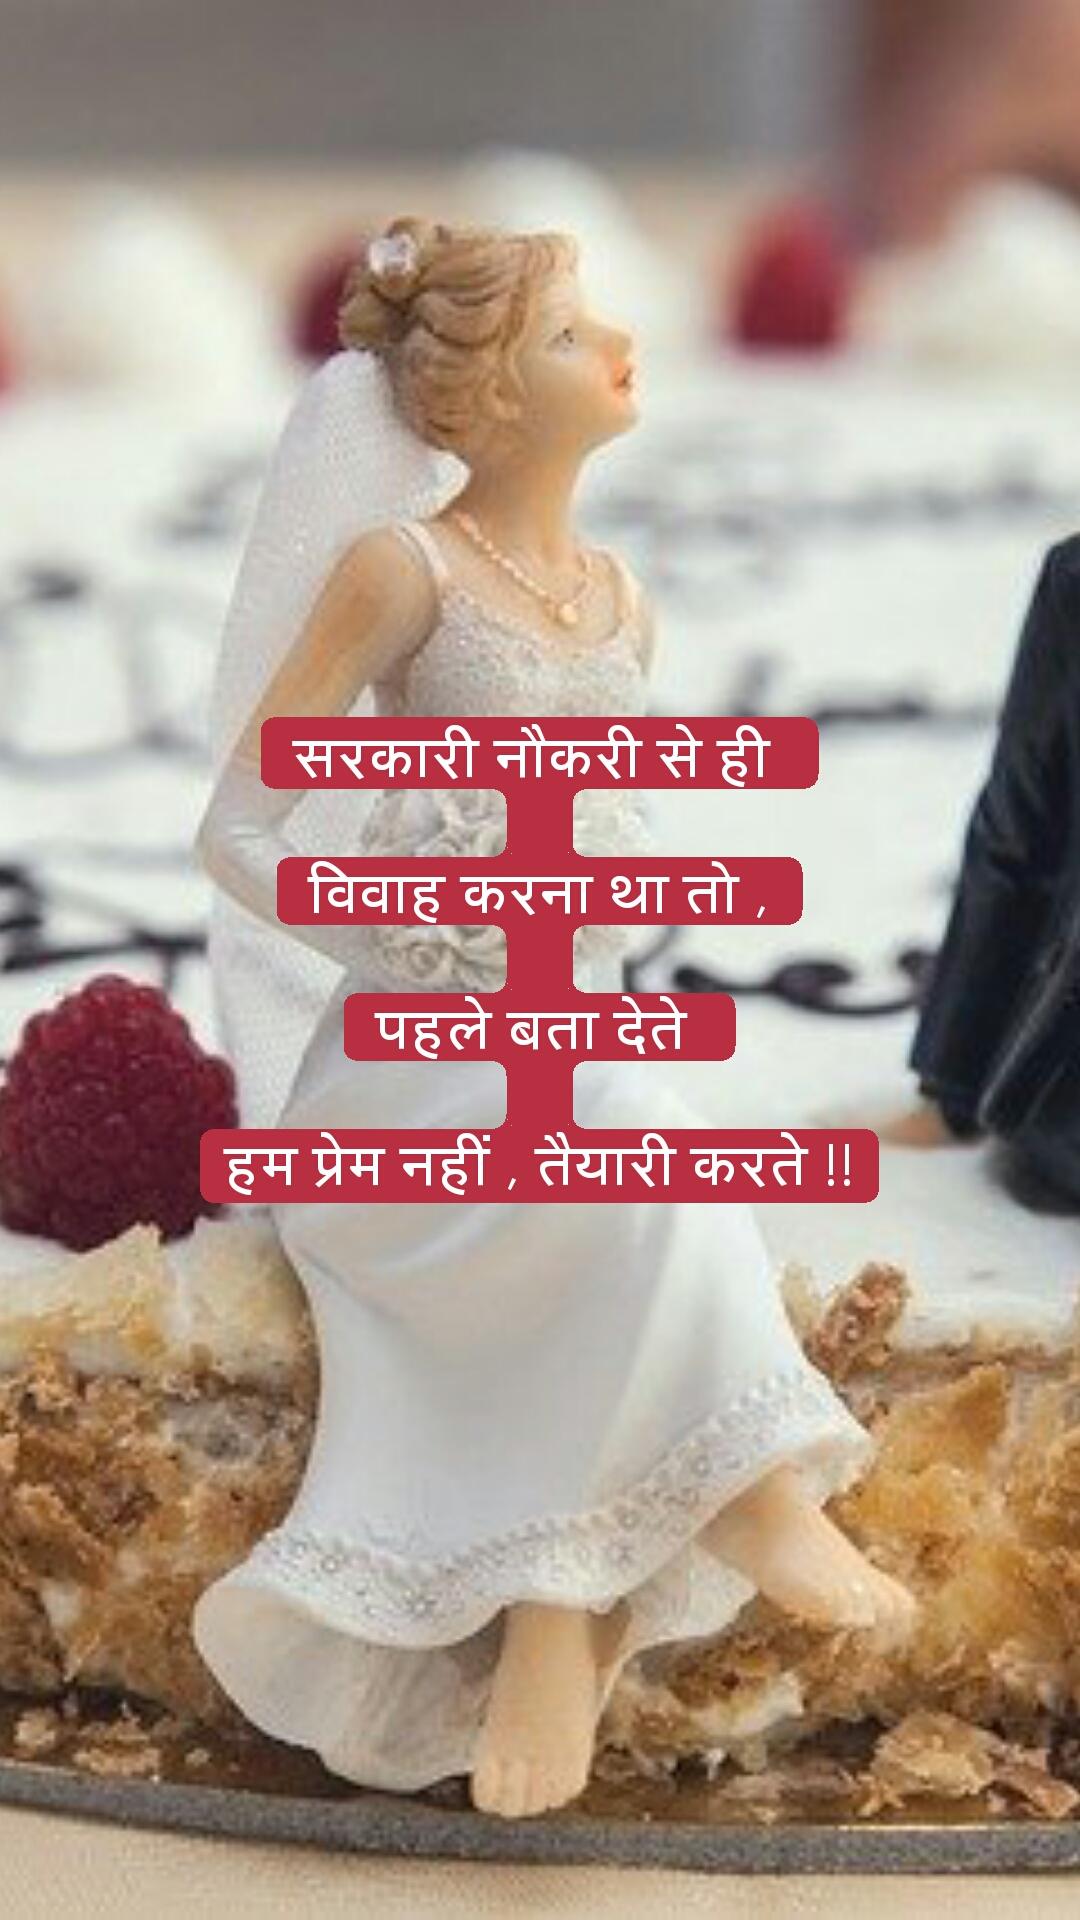 सरकारी नौकरी से ही   विवाह करना था तो ,  पहले बता देते   हम प्रेम नहीं , तैयारी करते !!